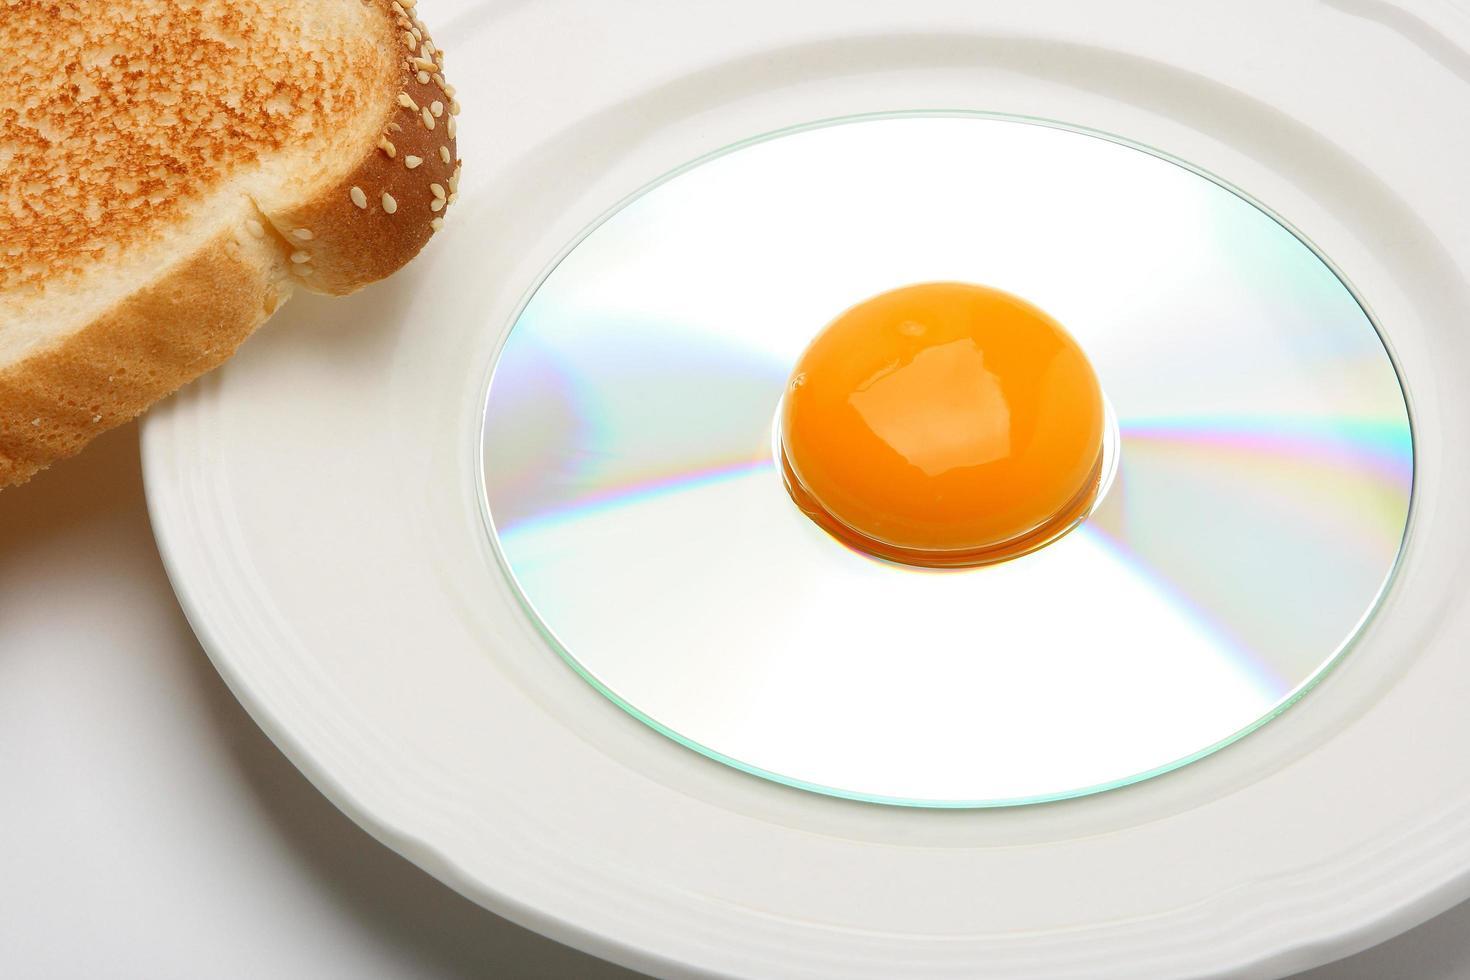 jaune d'oeuf sur disque compact photo